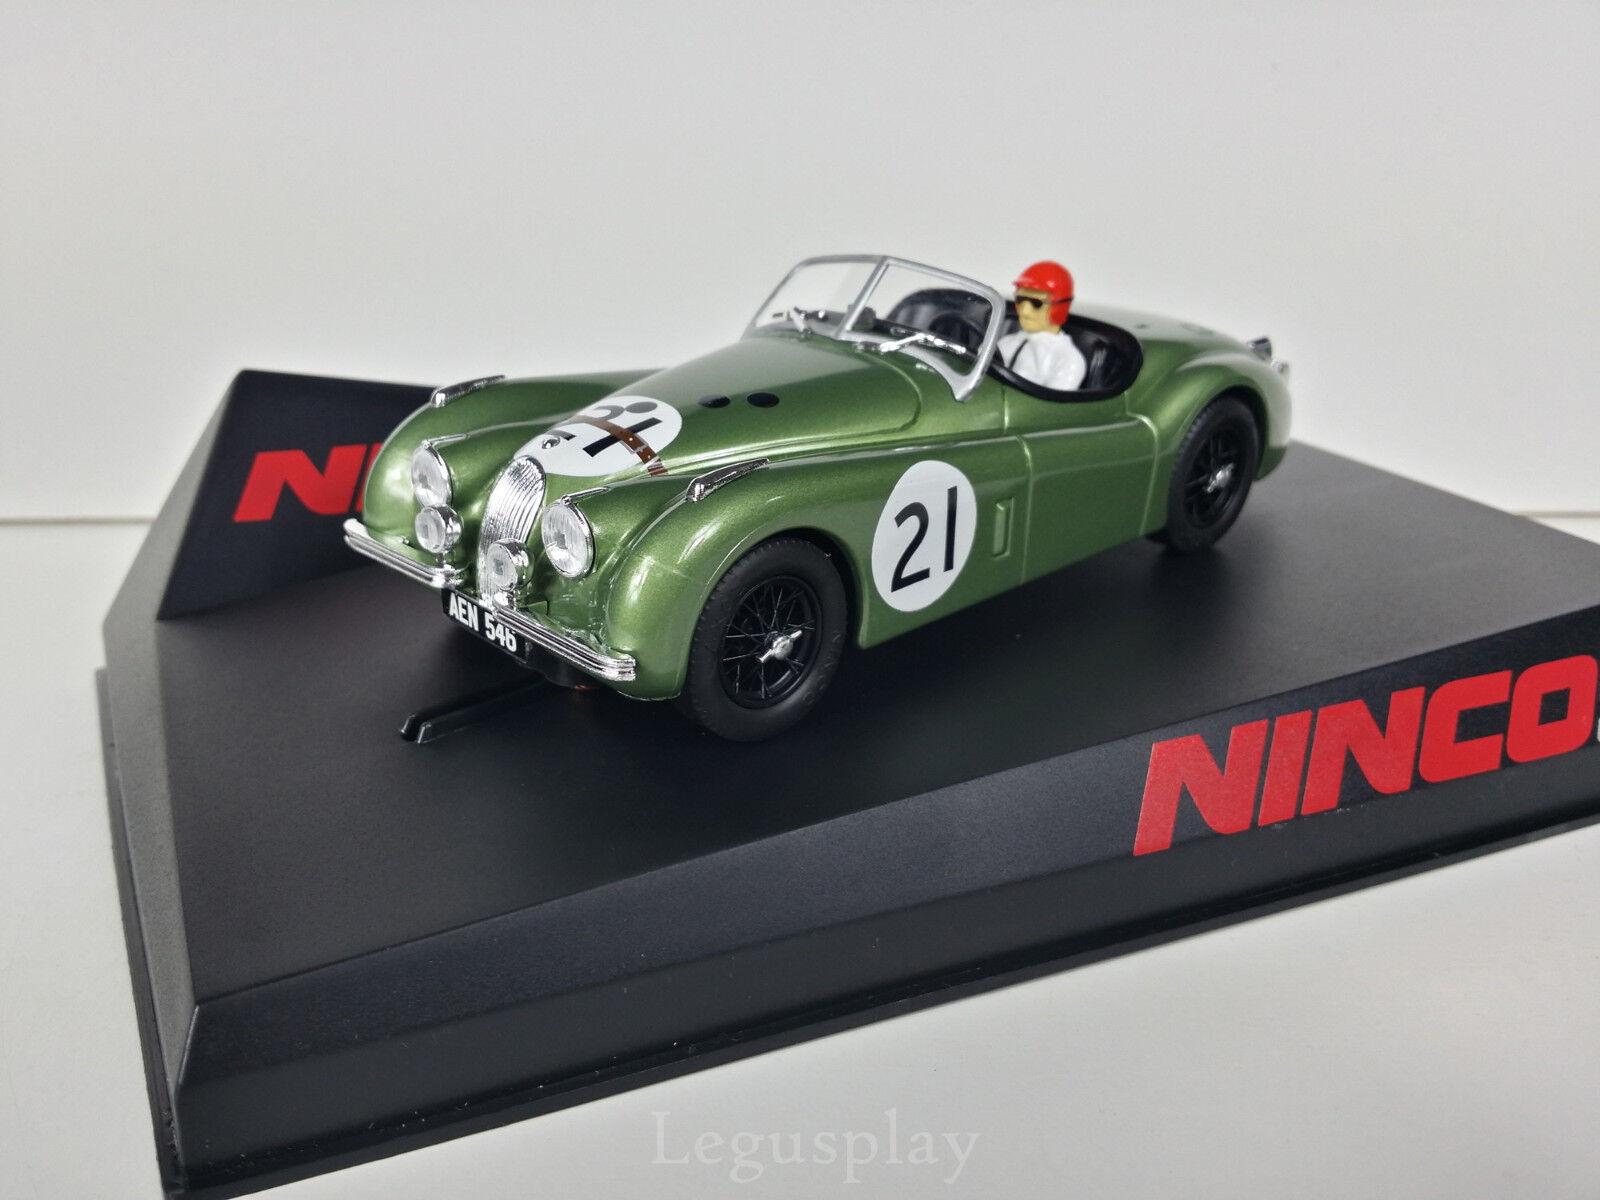 Slot SCX Scalextric Ninco 50695 Jaguar XK120 Le Mans 1951